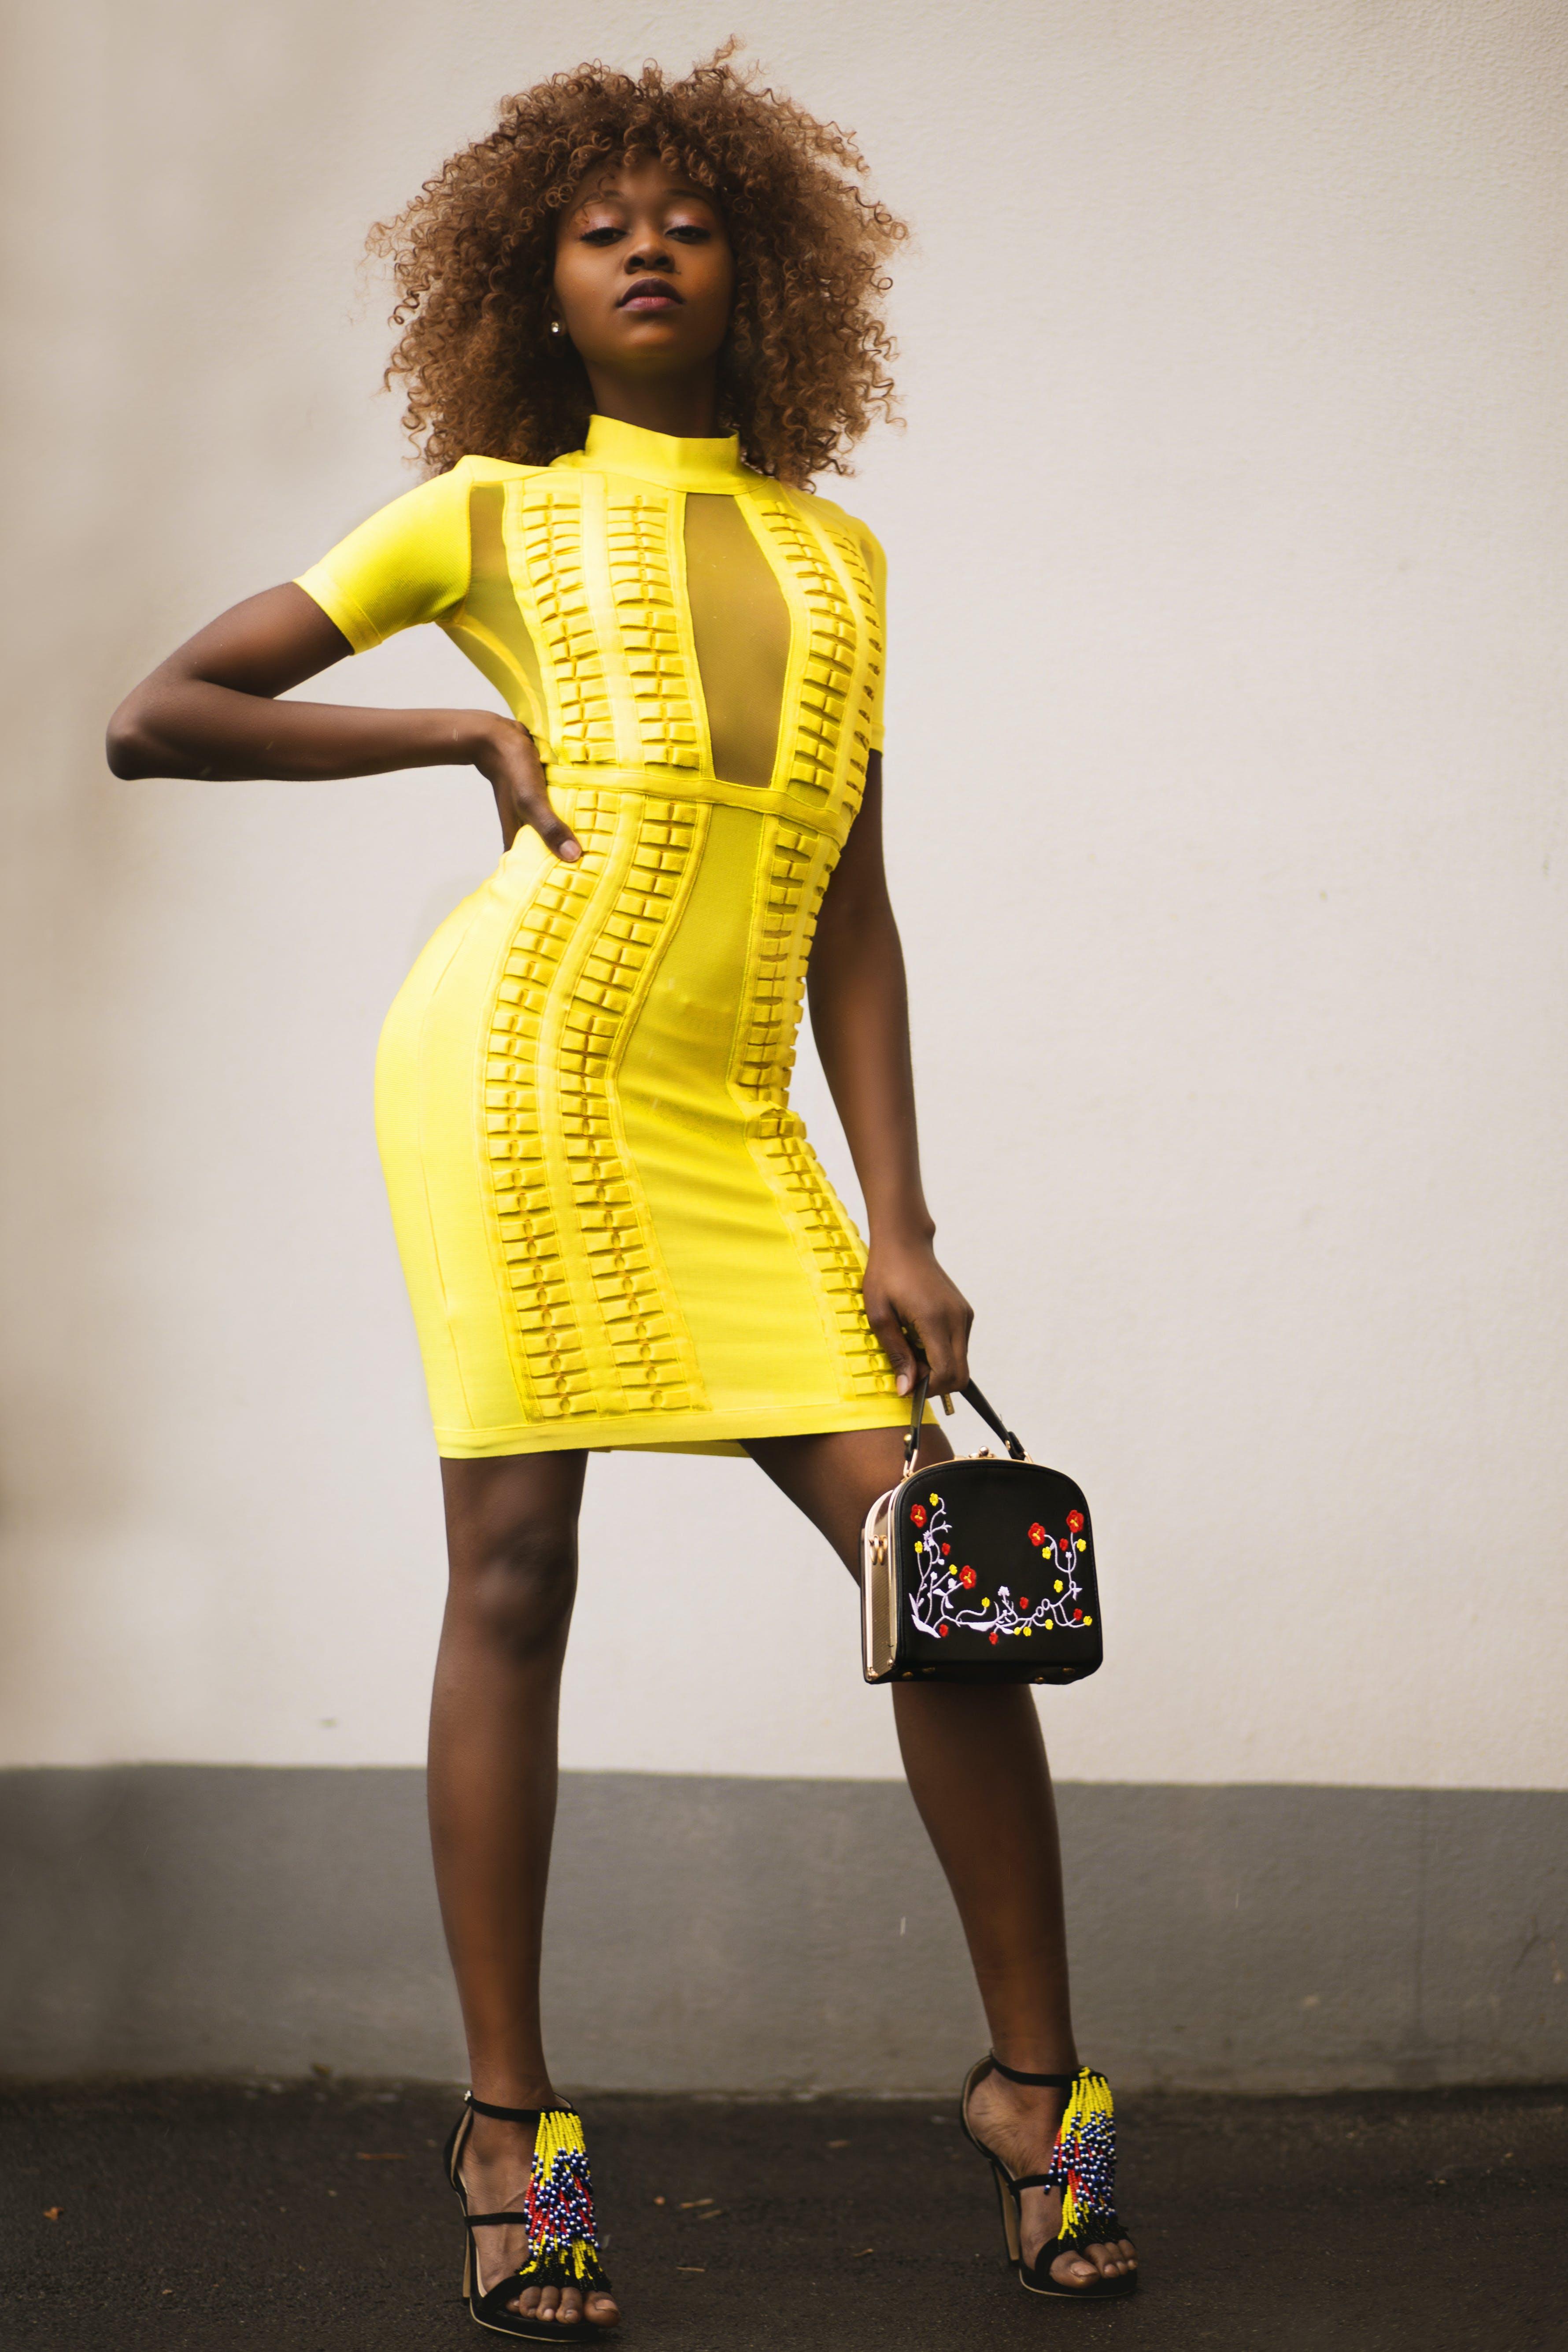 Woman in Yellow Bodycon Mini Dress